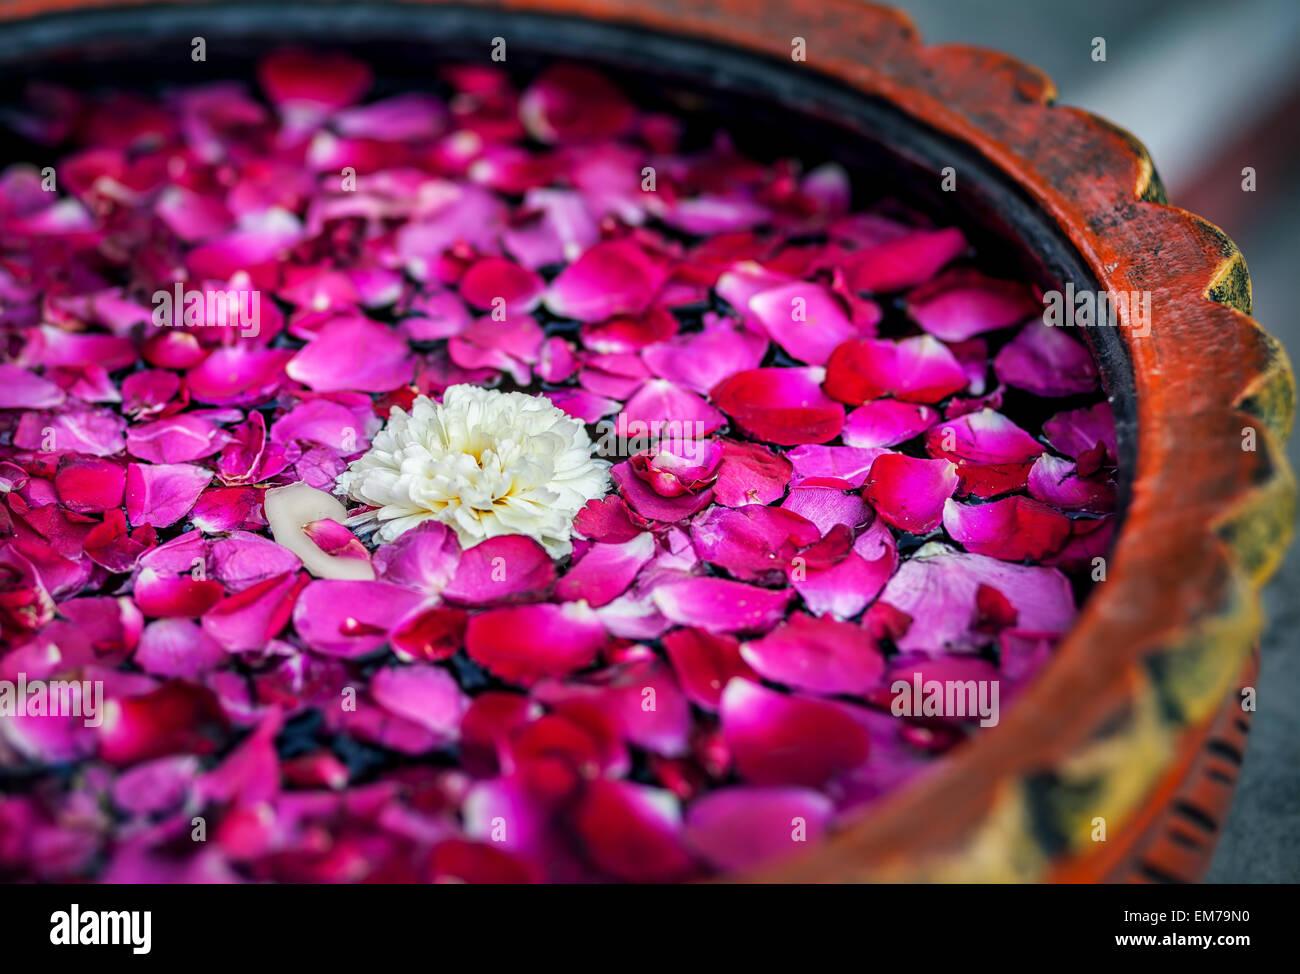 Fiore bianco rosso con petali di rosa nella ciotola in SPA salone Foto Stock